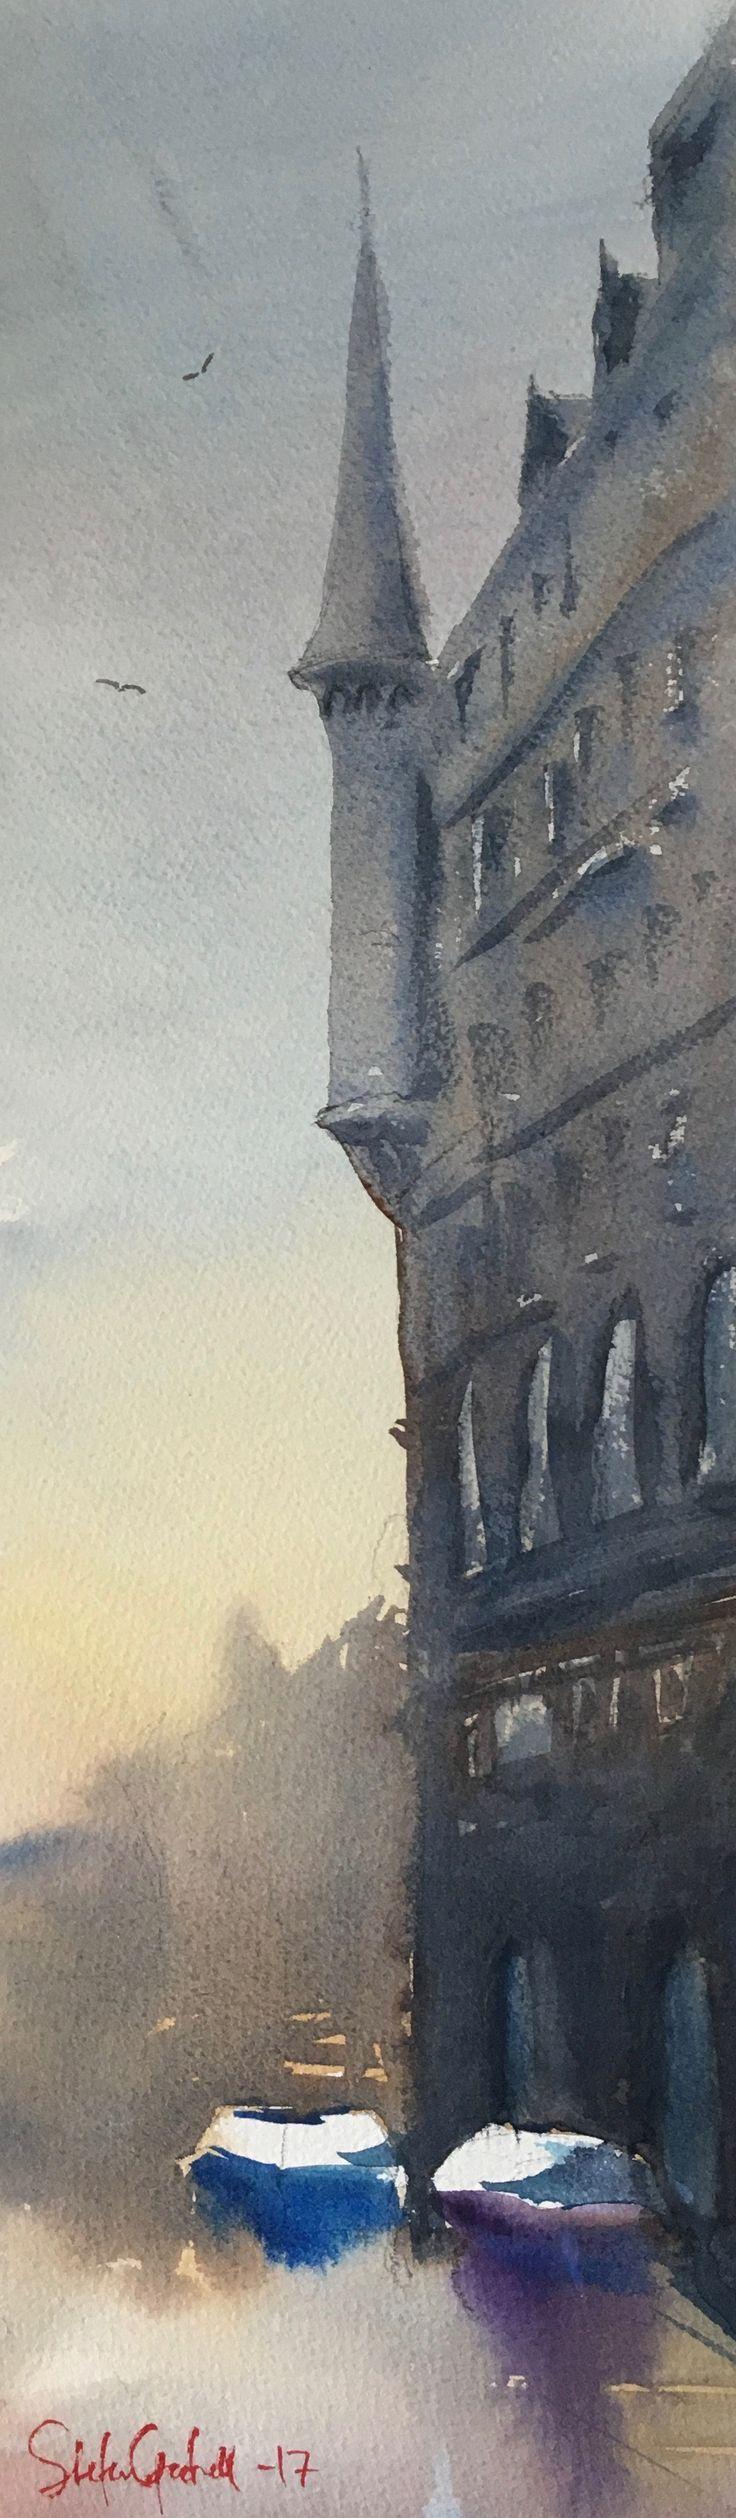 Söder Mälarstrand. Akvarell av Stefan Gadnell